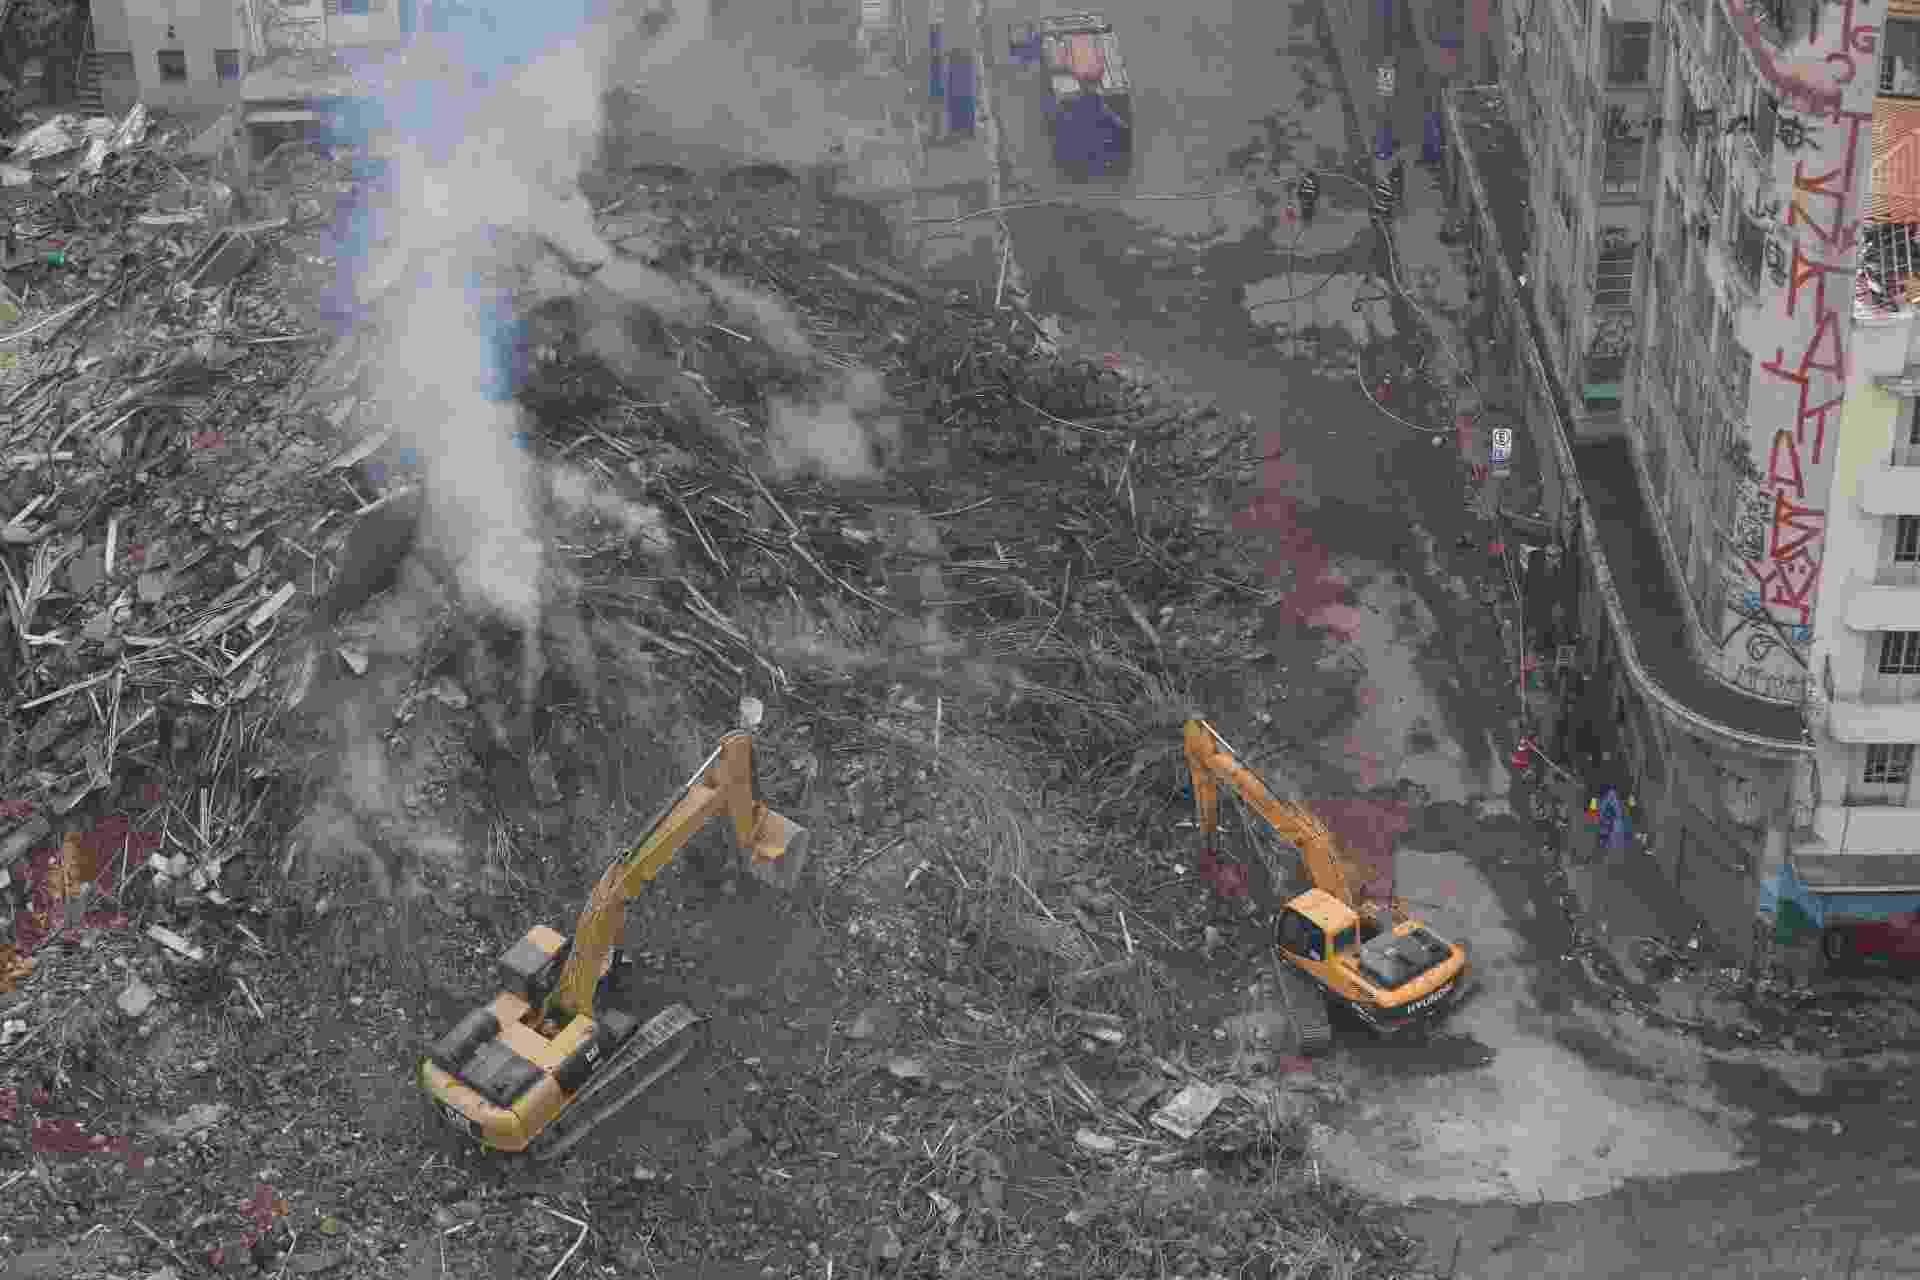 3.mai.2018 - Bombeiros usam retroescavadeiras nos trabalhos de buscas por possíveis vítimas no local onde o edifício Wilton Paes de Almeida desabou, no centro de São Paulo - Fábio Vieira/Fotorua/Estadão Conteúdo